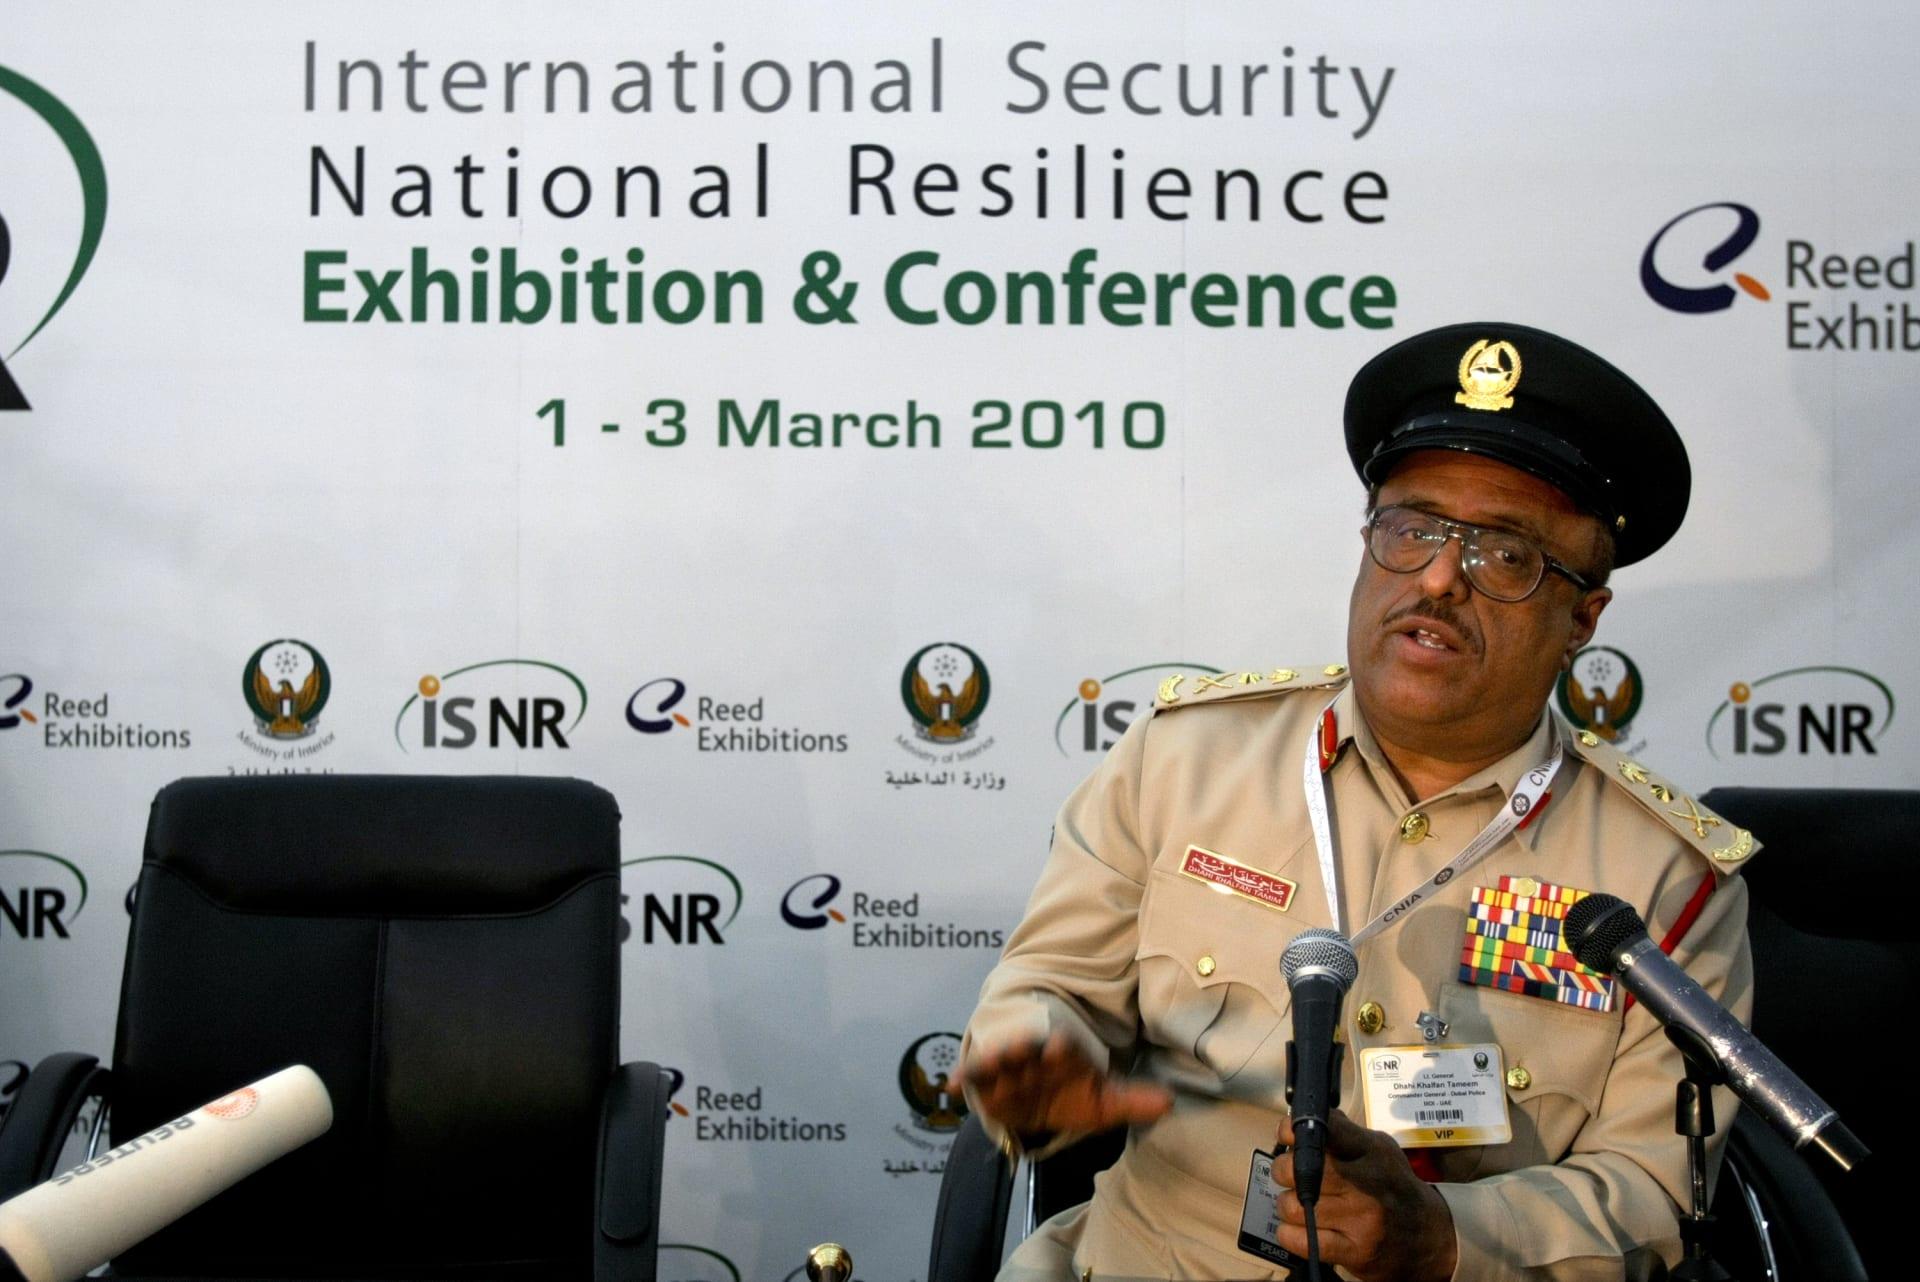 الفريق ضاحي خلفان نائب رئيس شرطة دبي